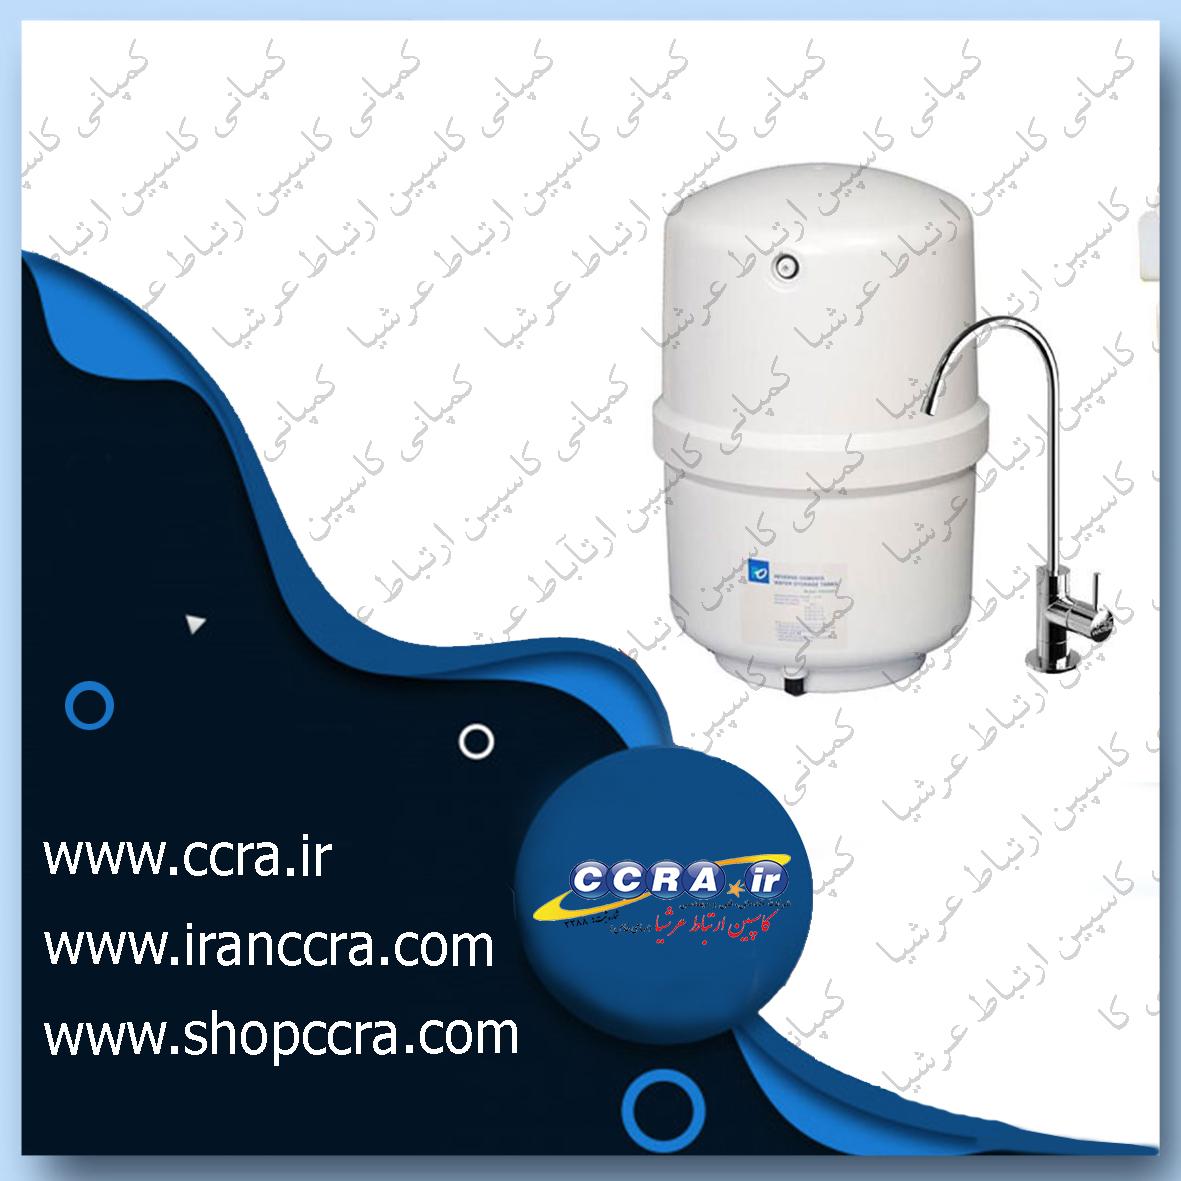 ظرفیت تولید آب از دستگاه های تصفیه آب خانگی آکوا لایف